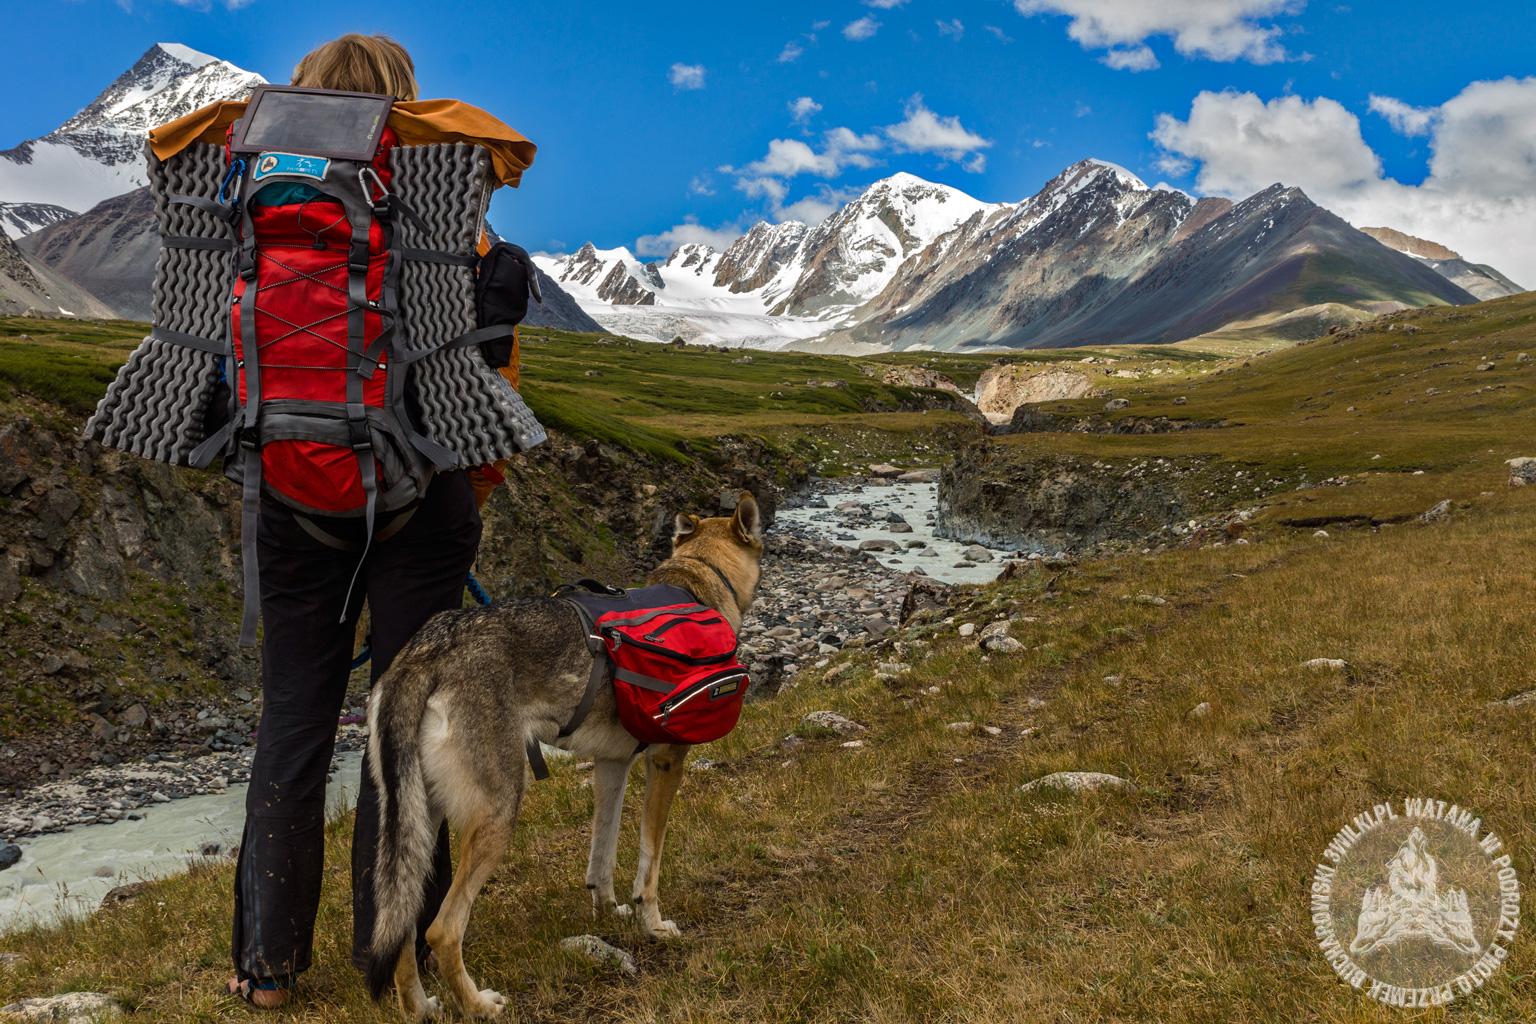 mongolia_tavanbogd_trekking_agi_diuna1